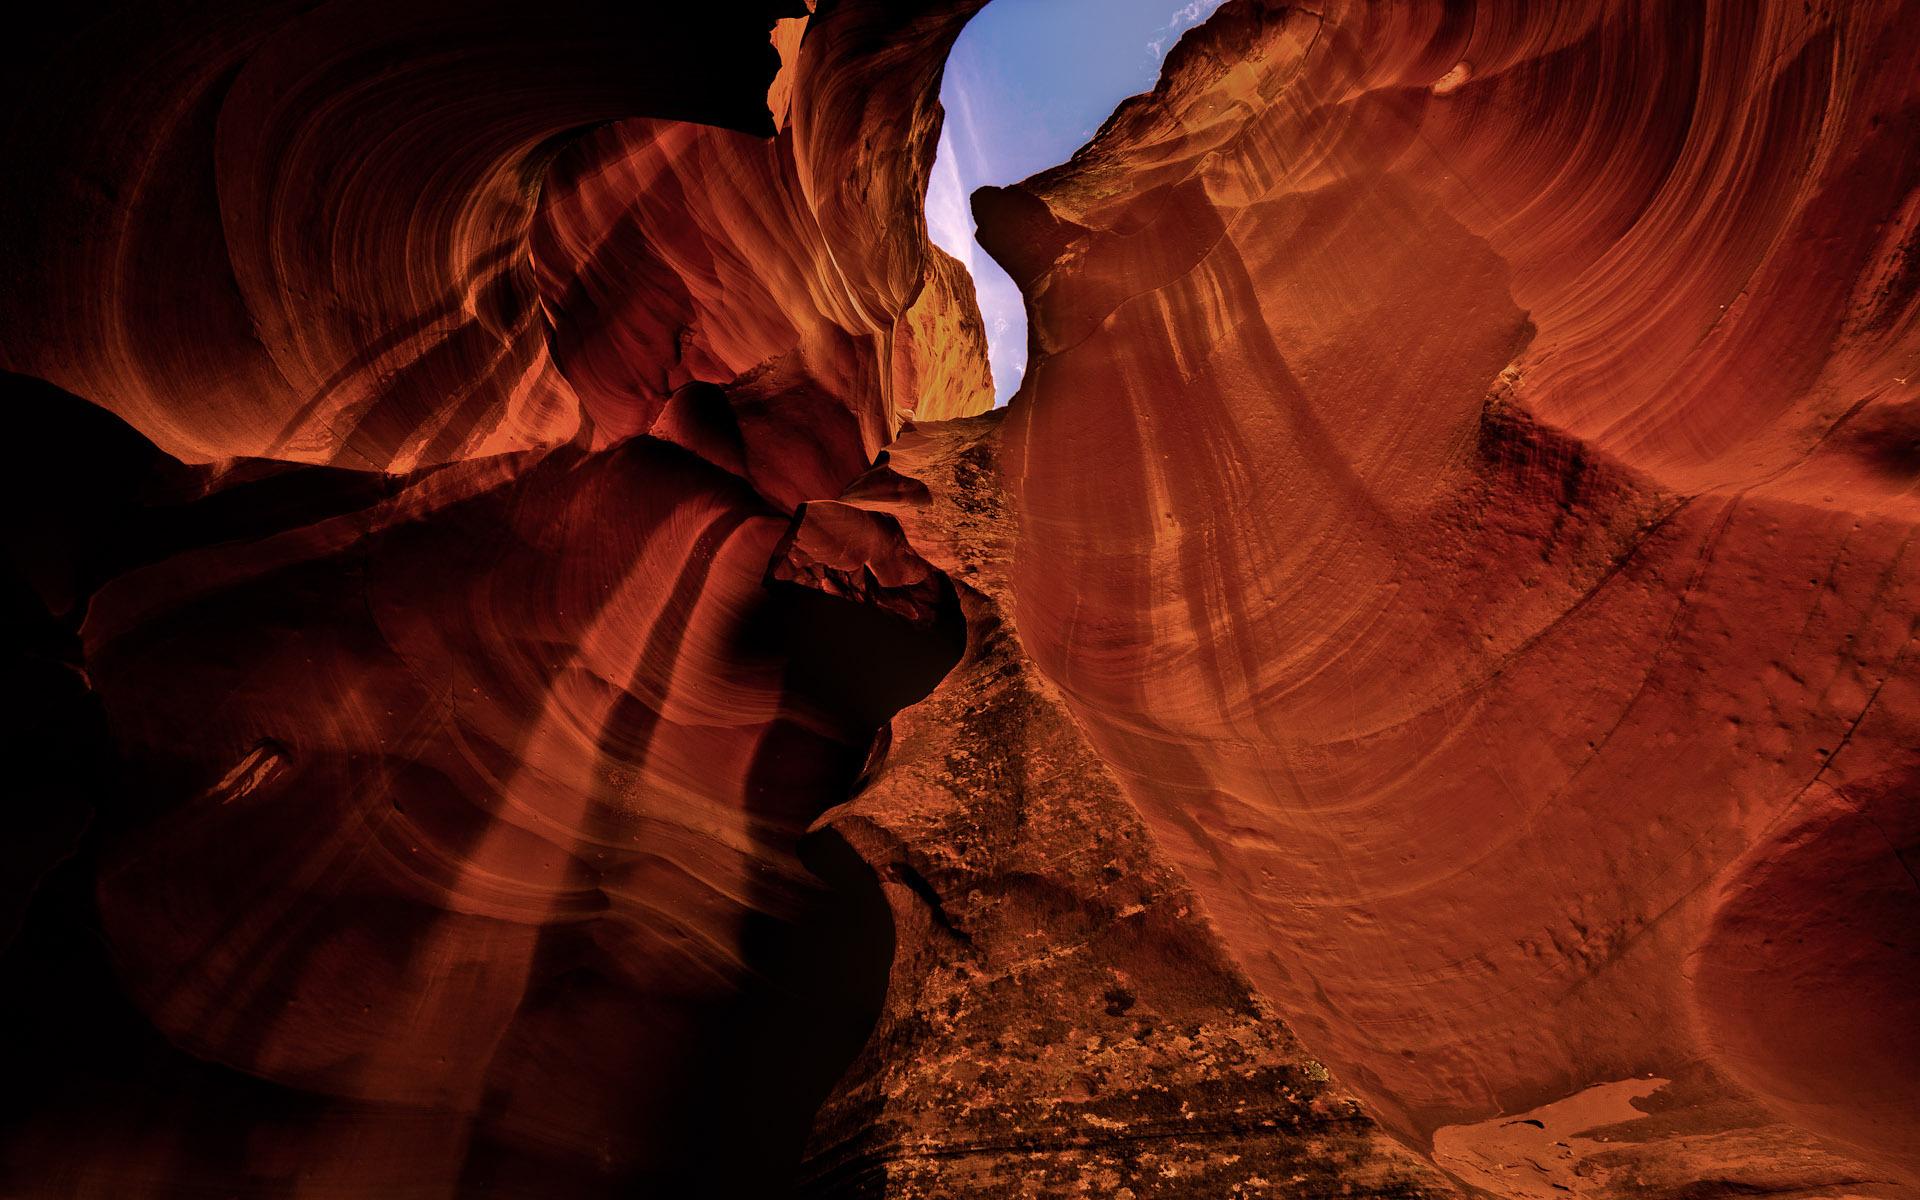 antelope-canyon-1920x1200